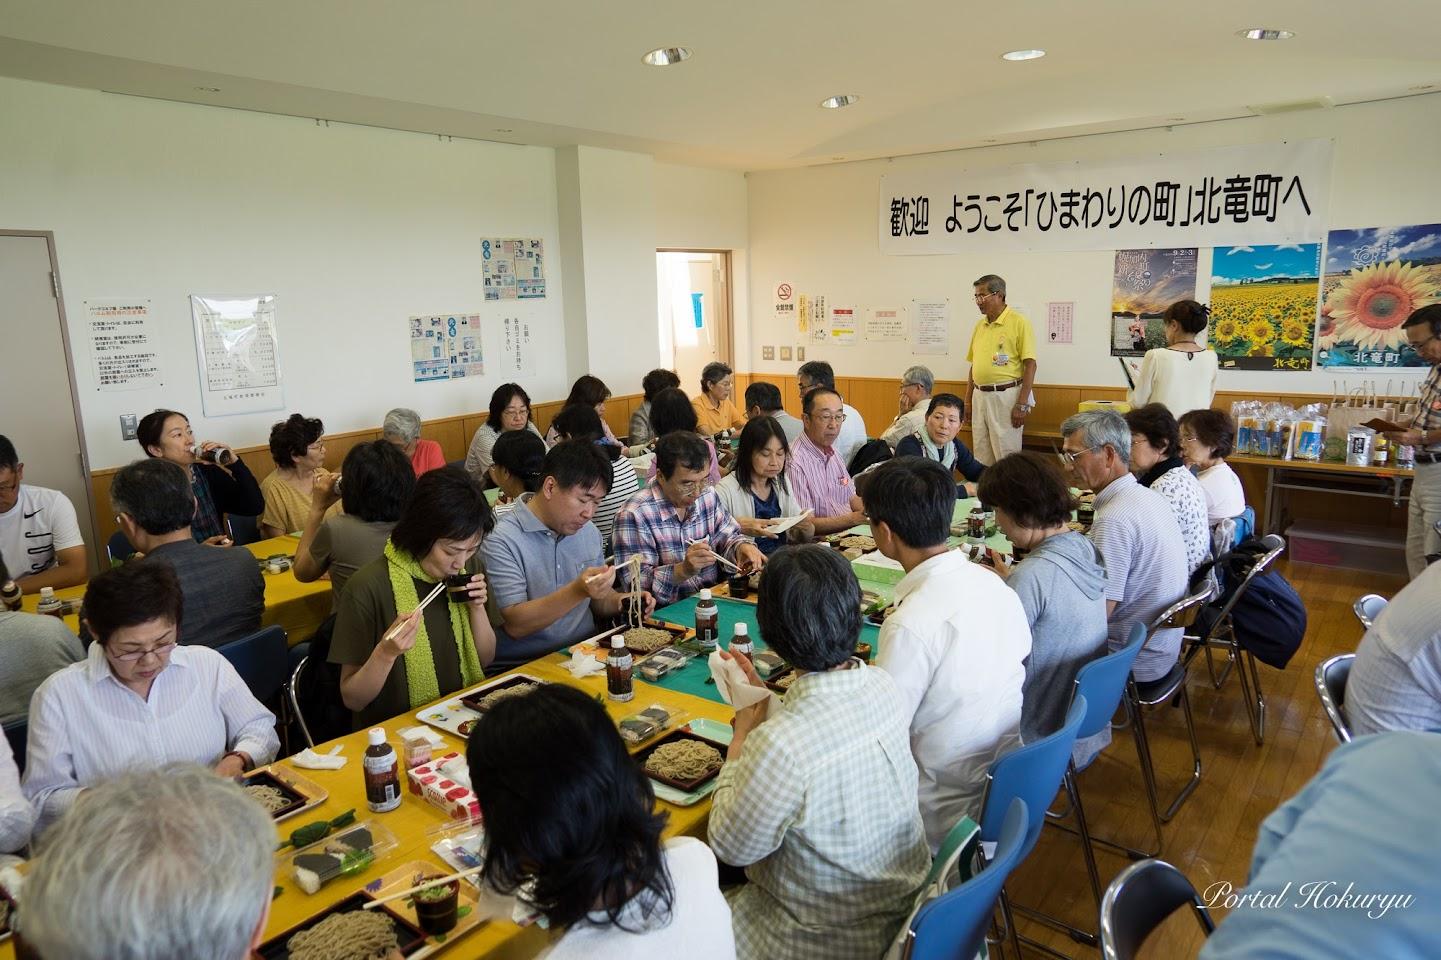 パルム内の会議室で昼食